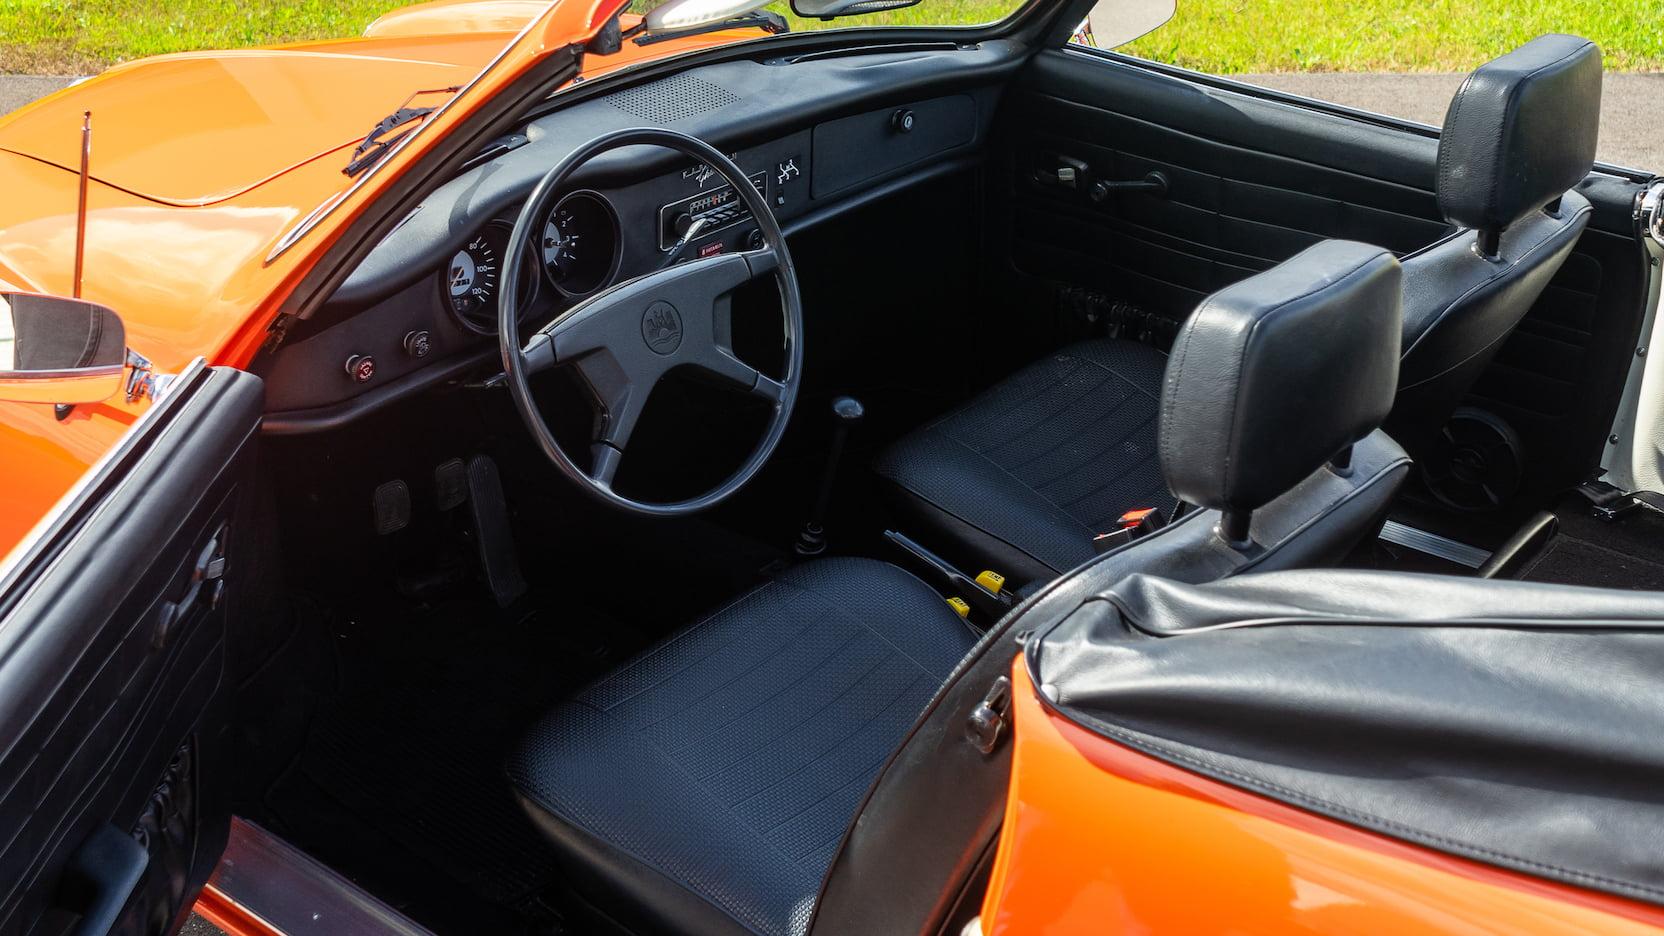 1974 Karmann Ghia interior